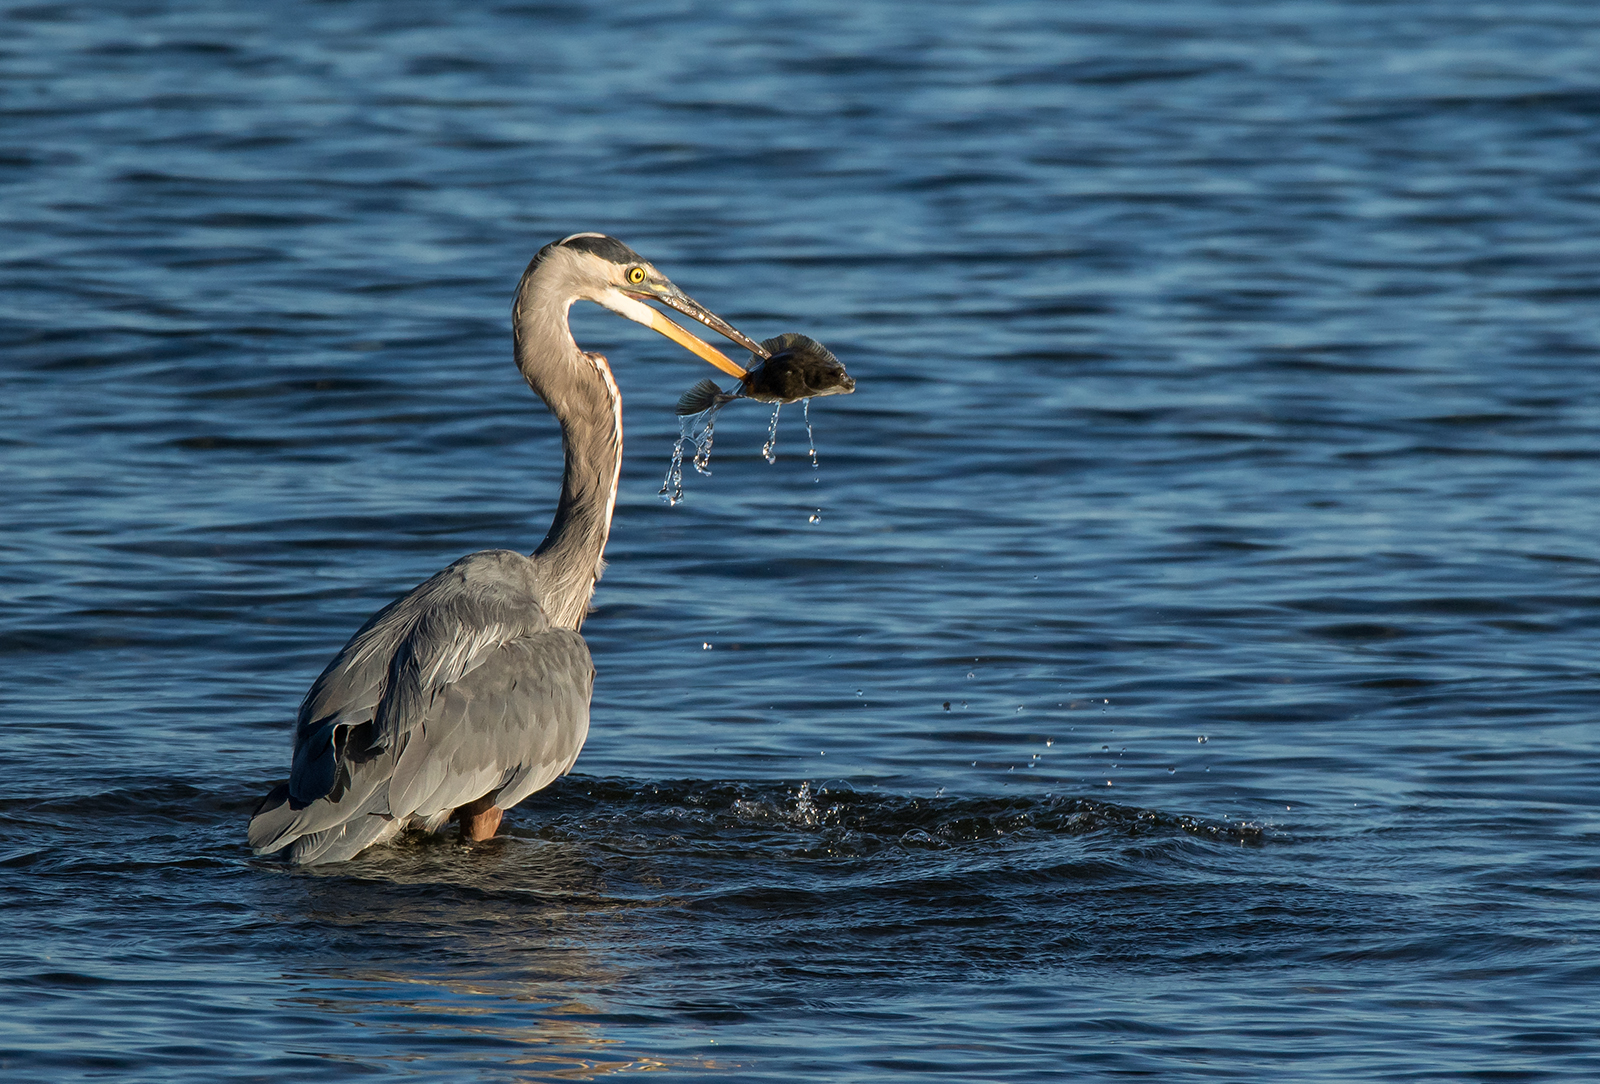 Heron versus Flounder